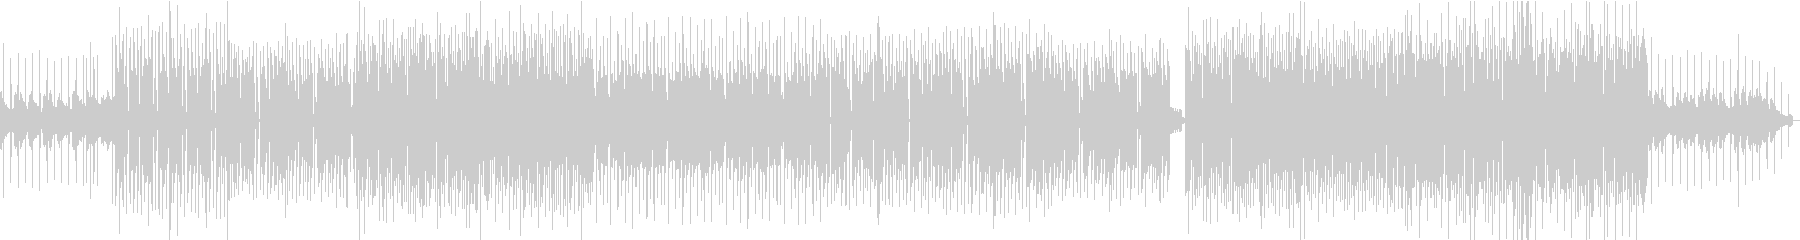 EDM系ダンスポップBGMの未再生の波形